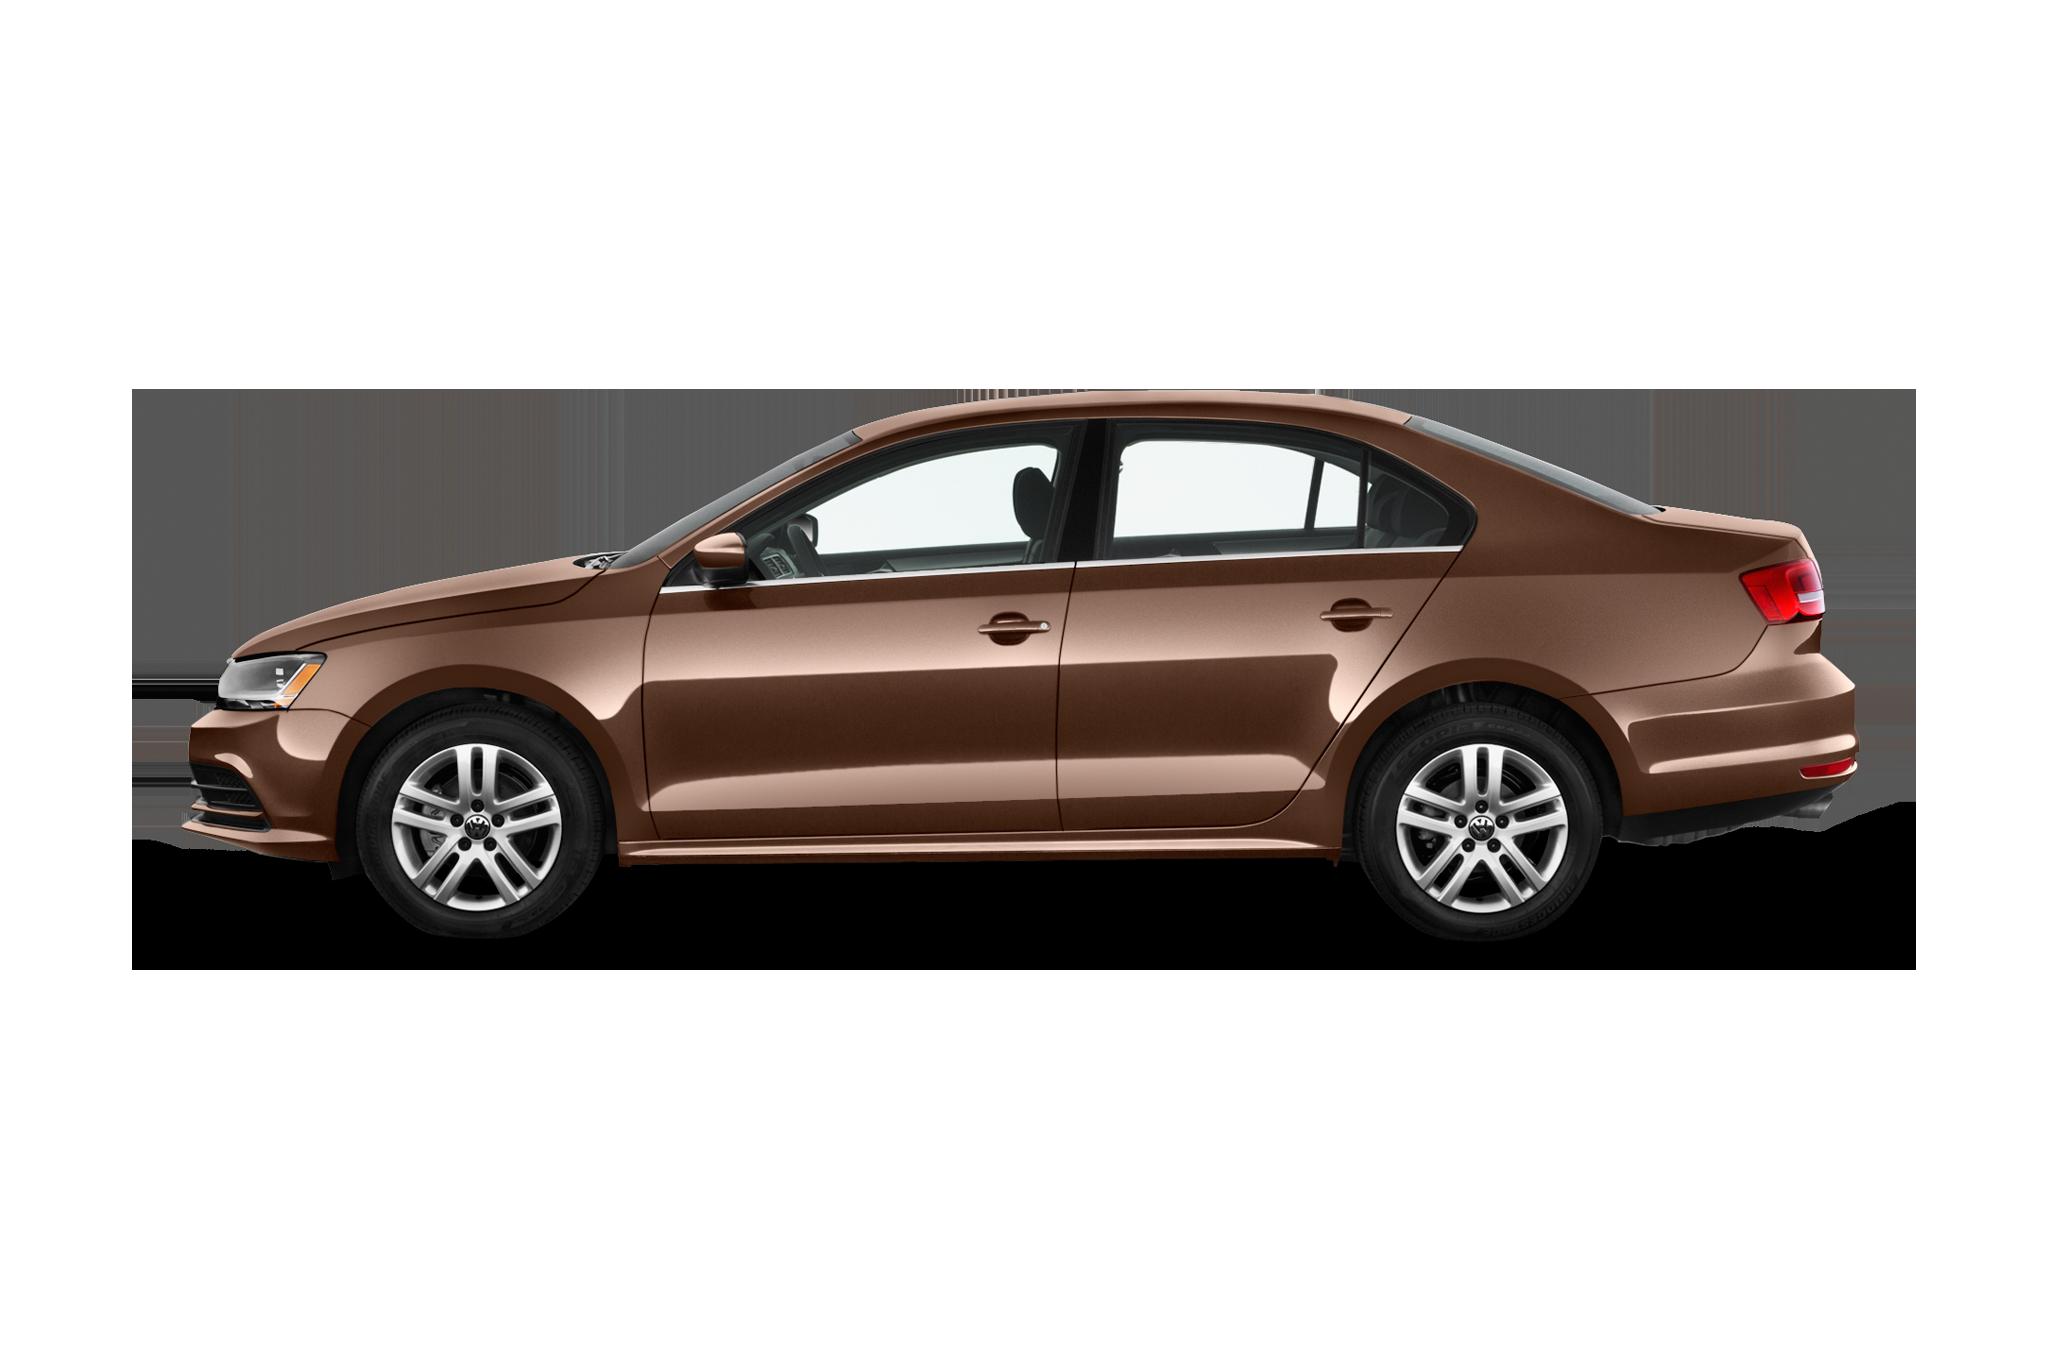 Antique car show clipart free Volkswagen Jetta PNG Clipart Download free Car images in PNG - Car ... free